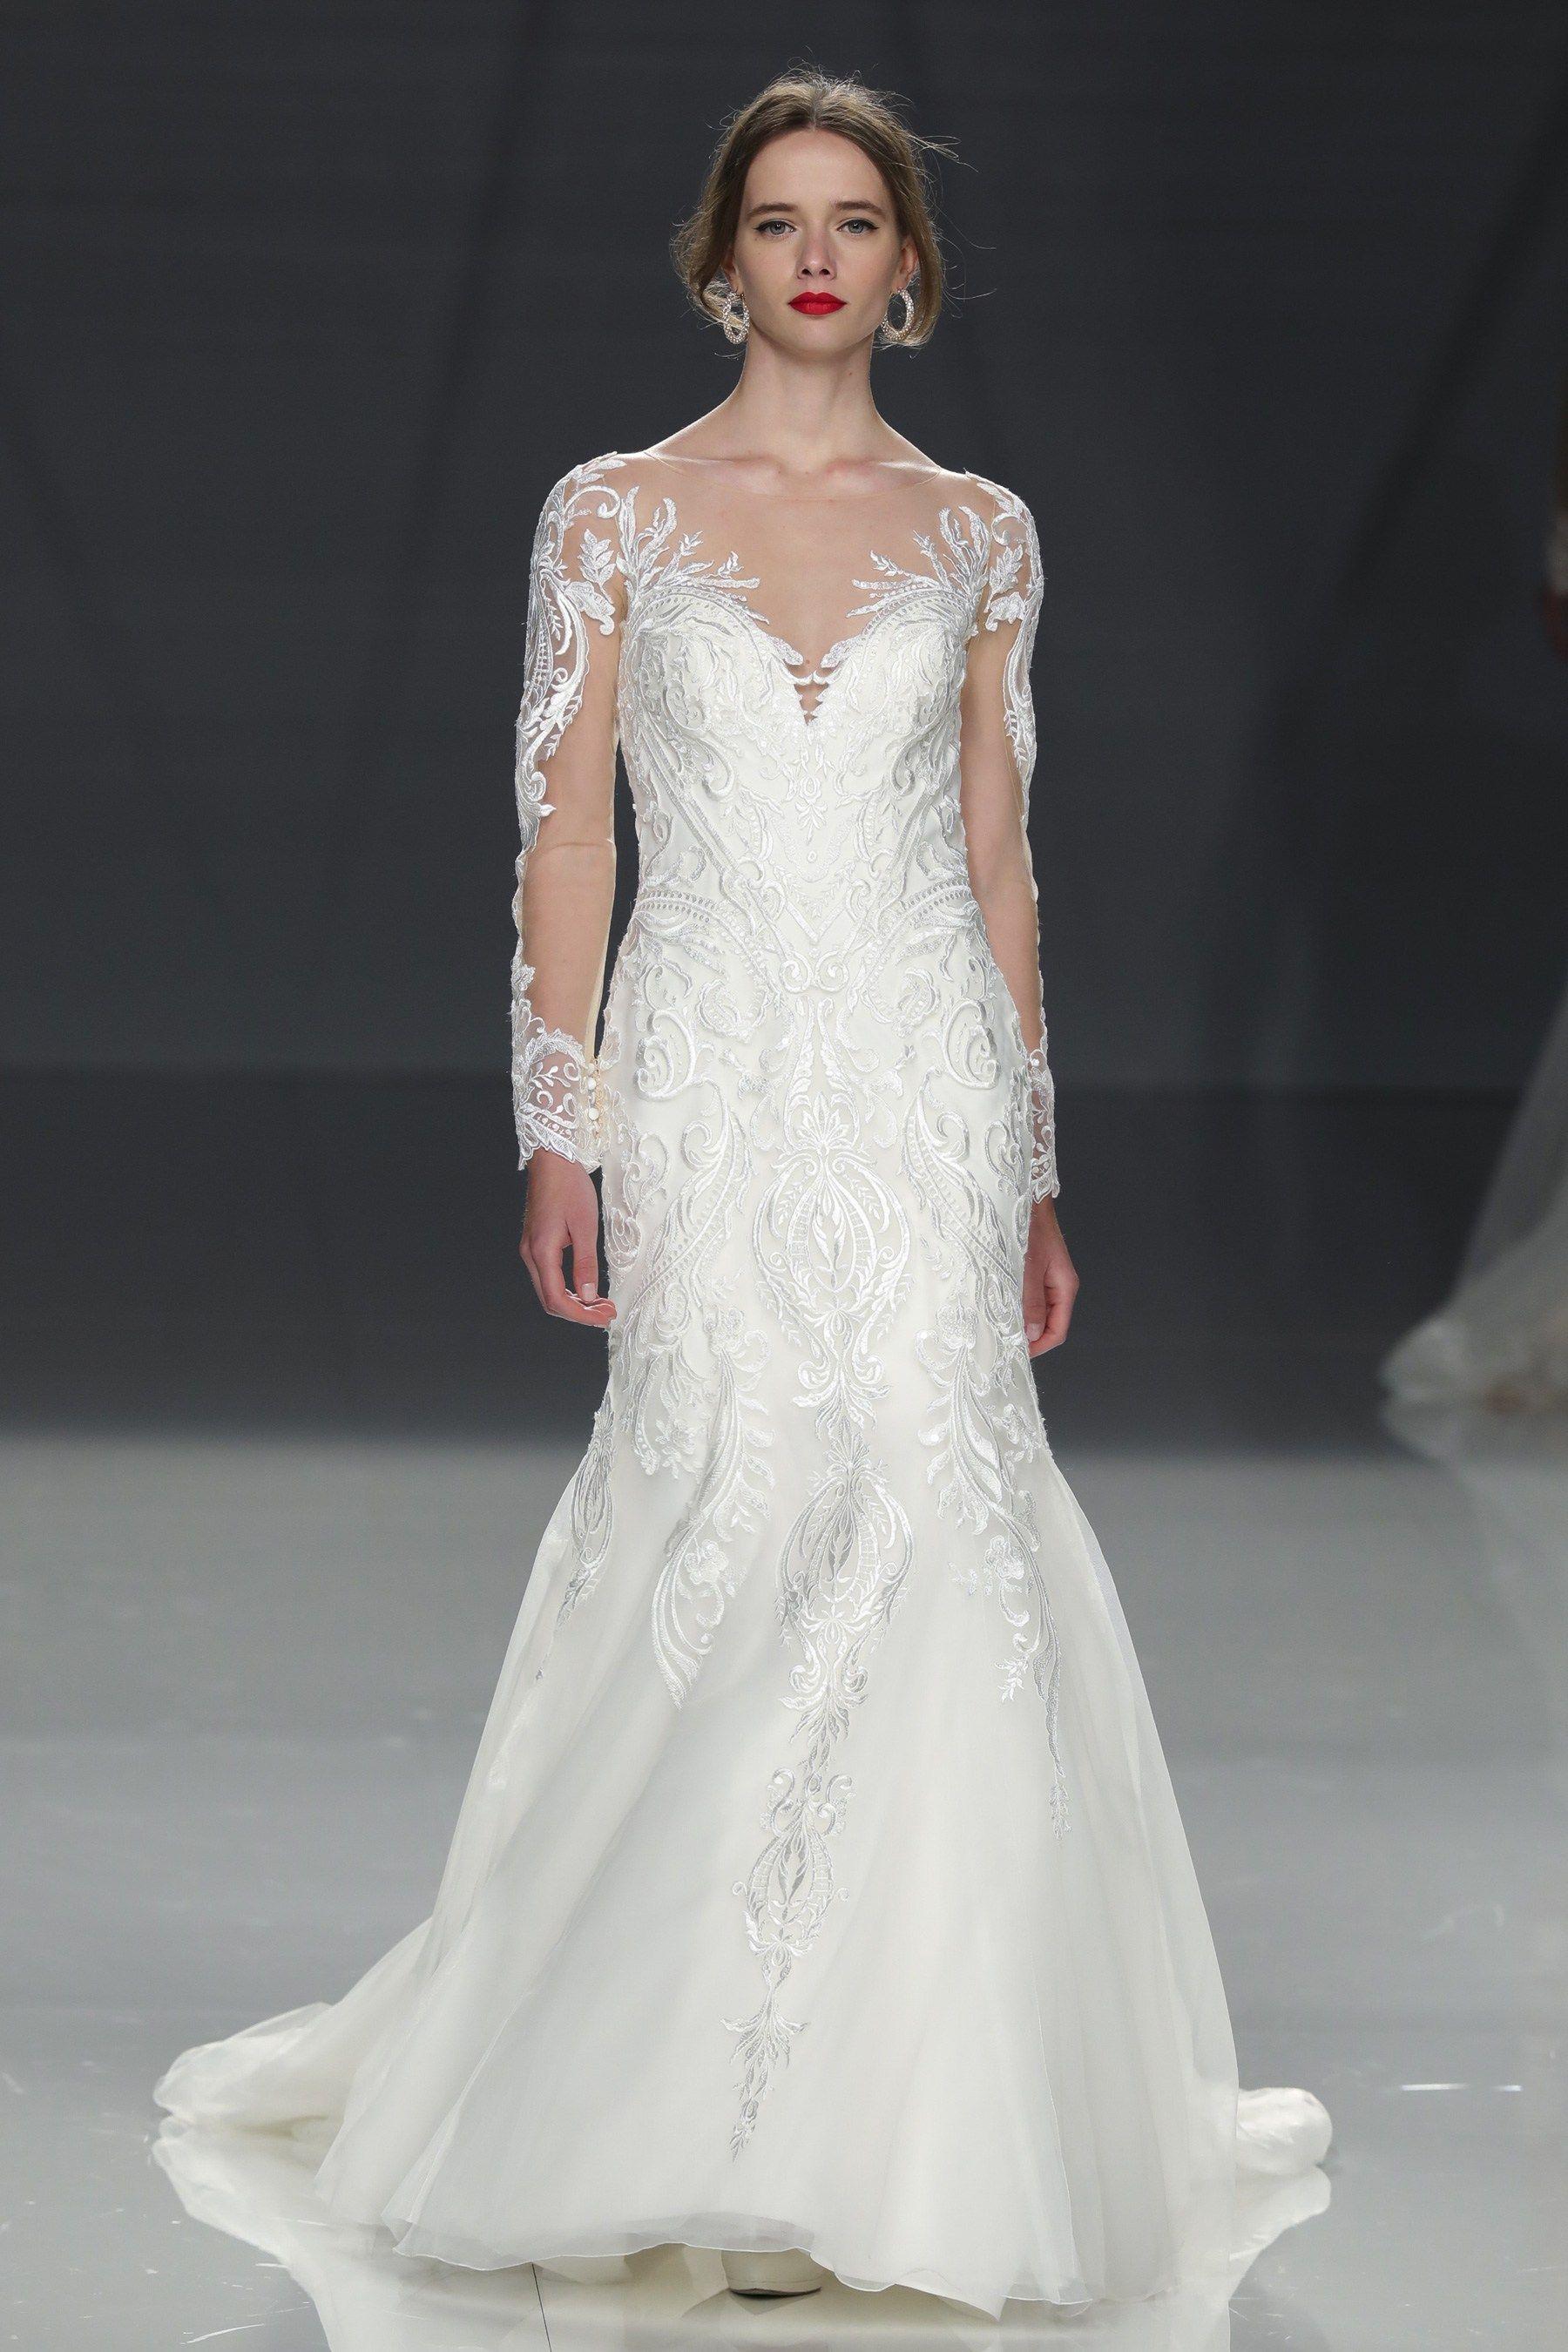 Demetrios spring bridal fashion show barcelona fashion week